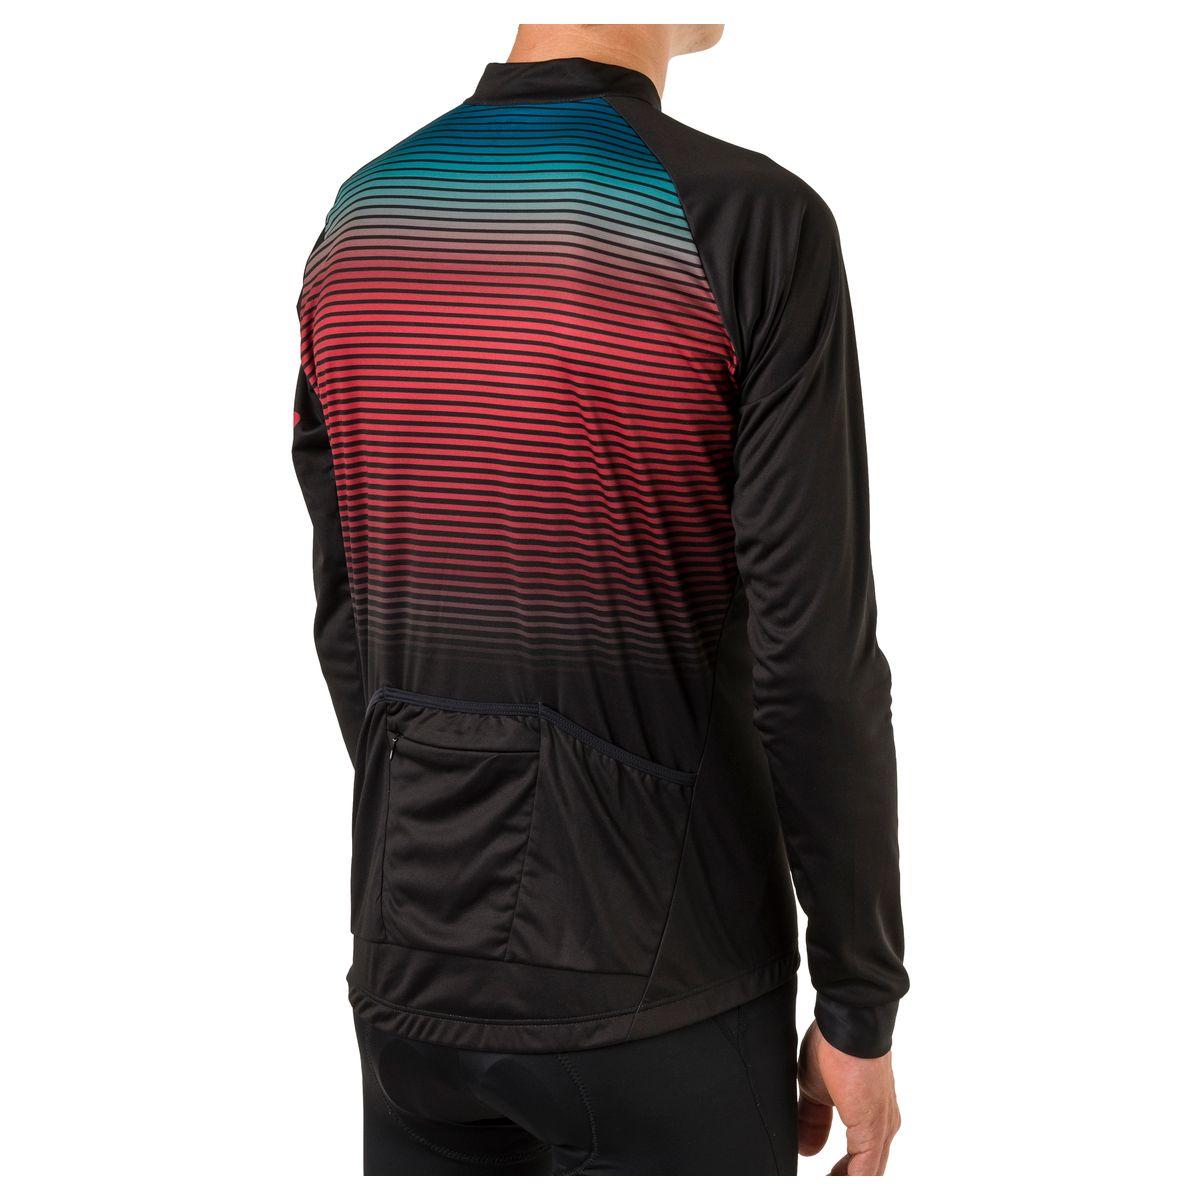 Stripe Fietsshirt Lange Mouwen Trend Heren fit example